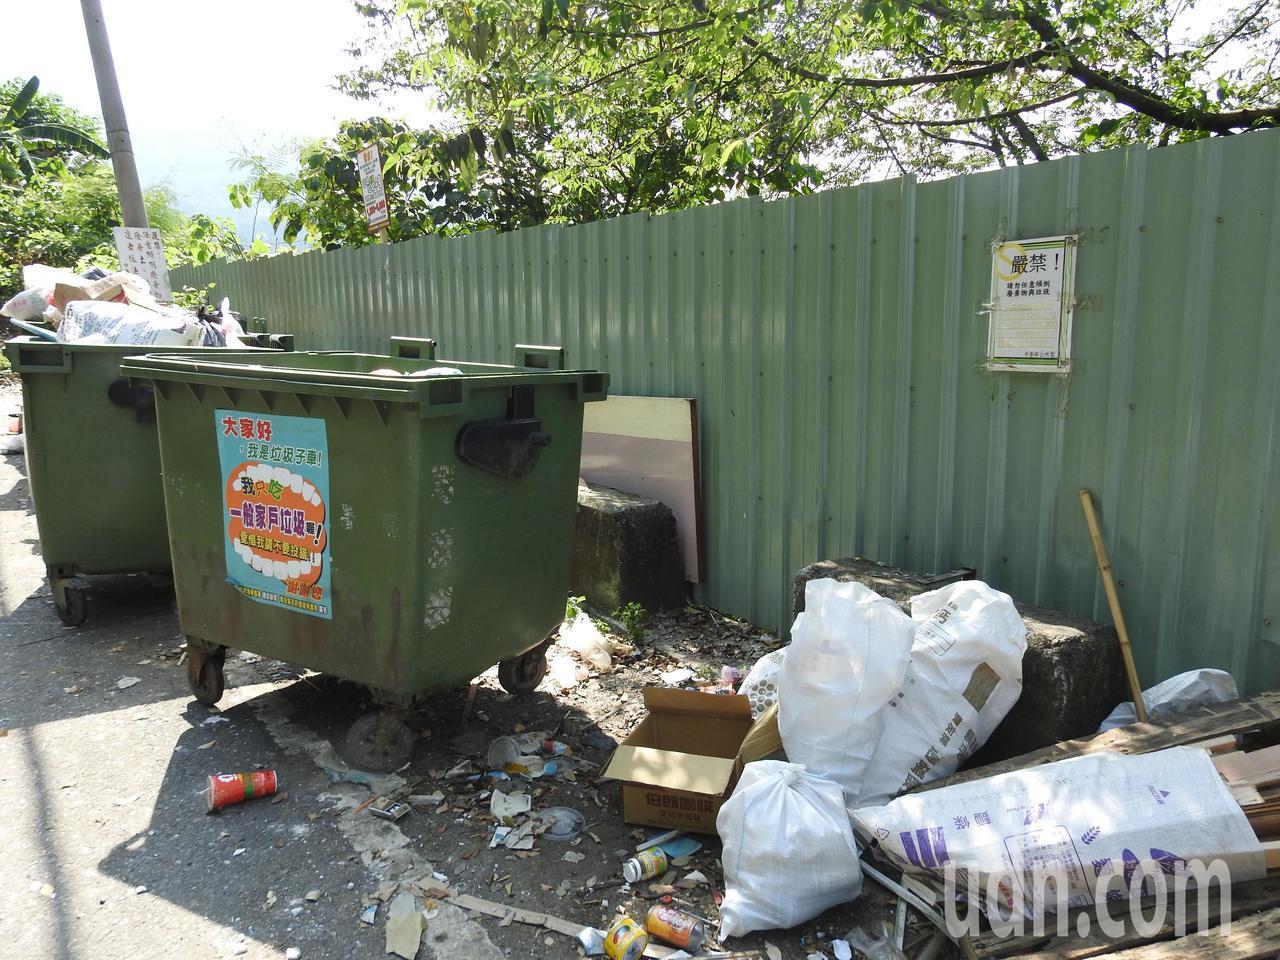 龍鳳瀑布要道堆垃圾挨批「垃圾觀光」 中寮鄉公所喊冤